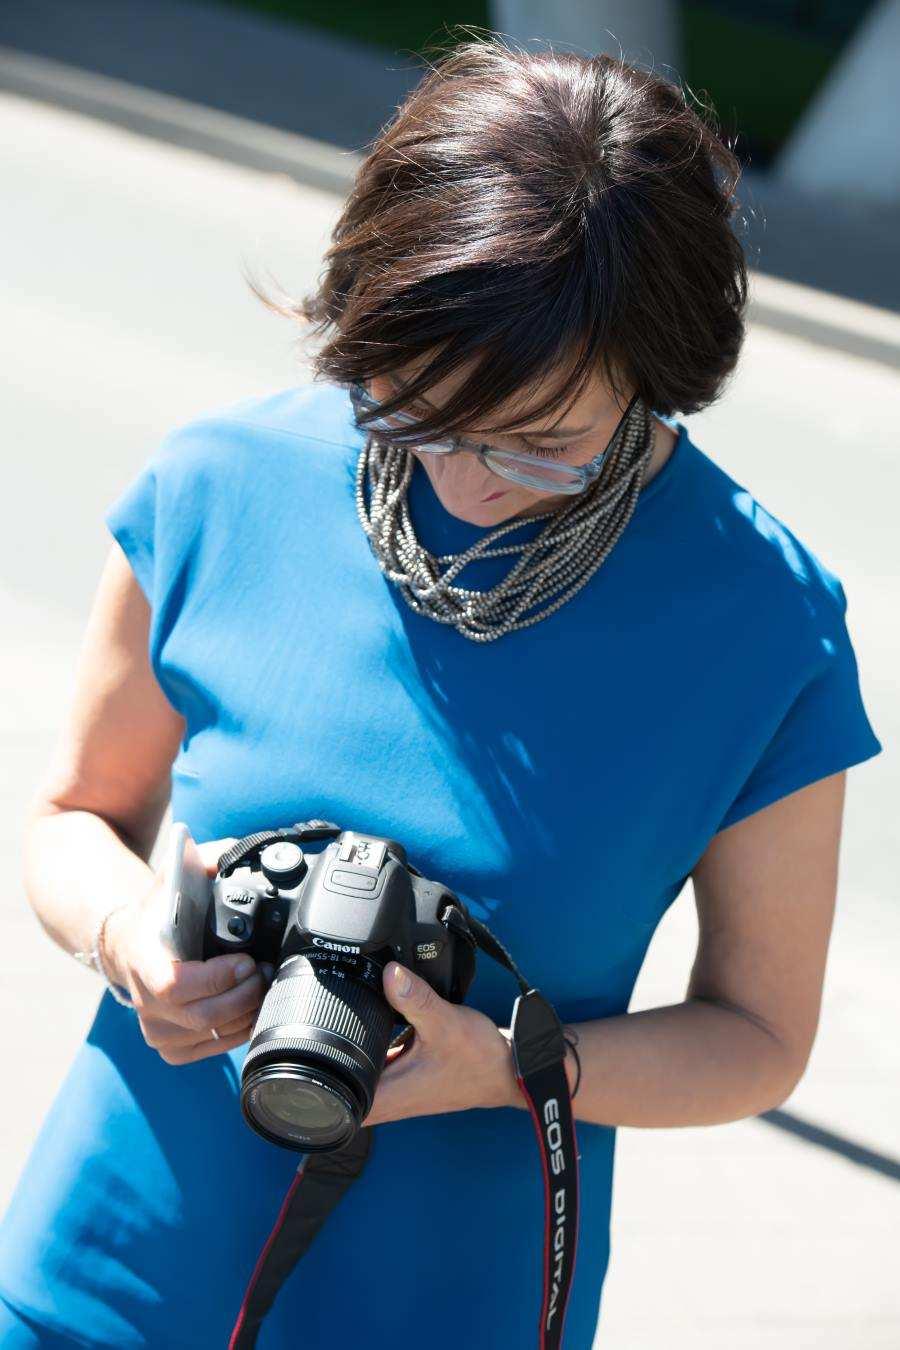 Lifestyle Blog Farbenfreundin über die schönen Dinge des Lebens